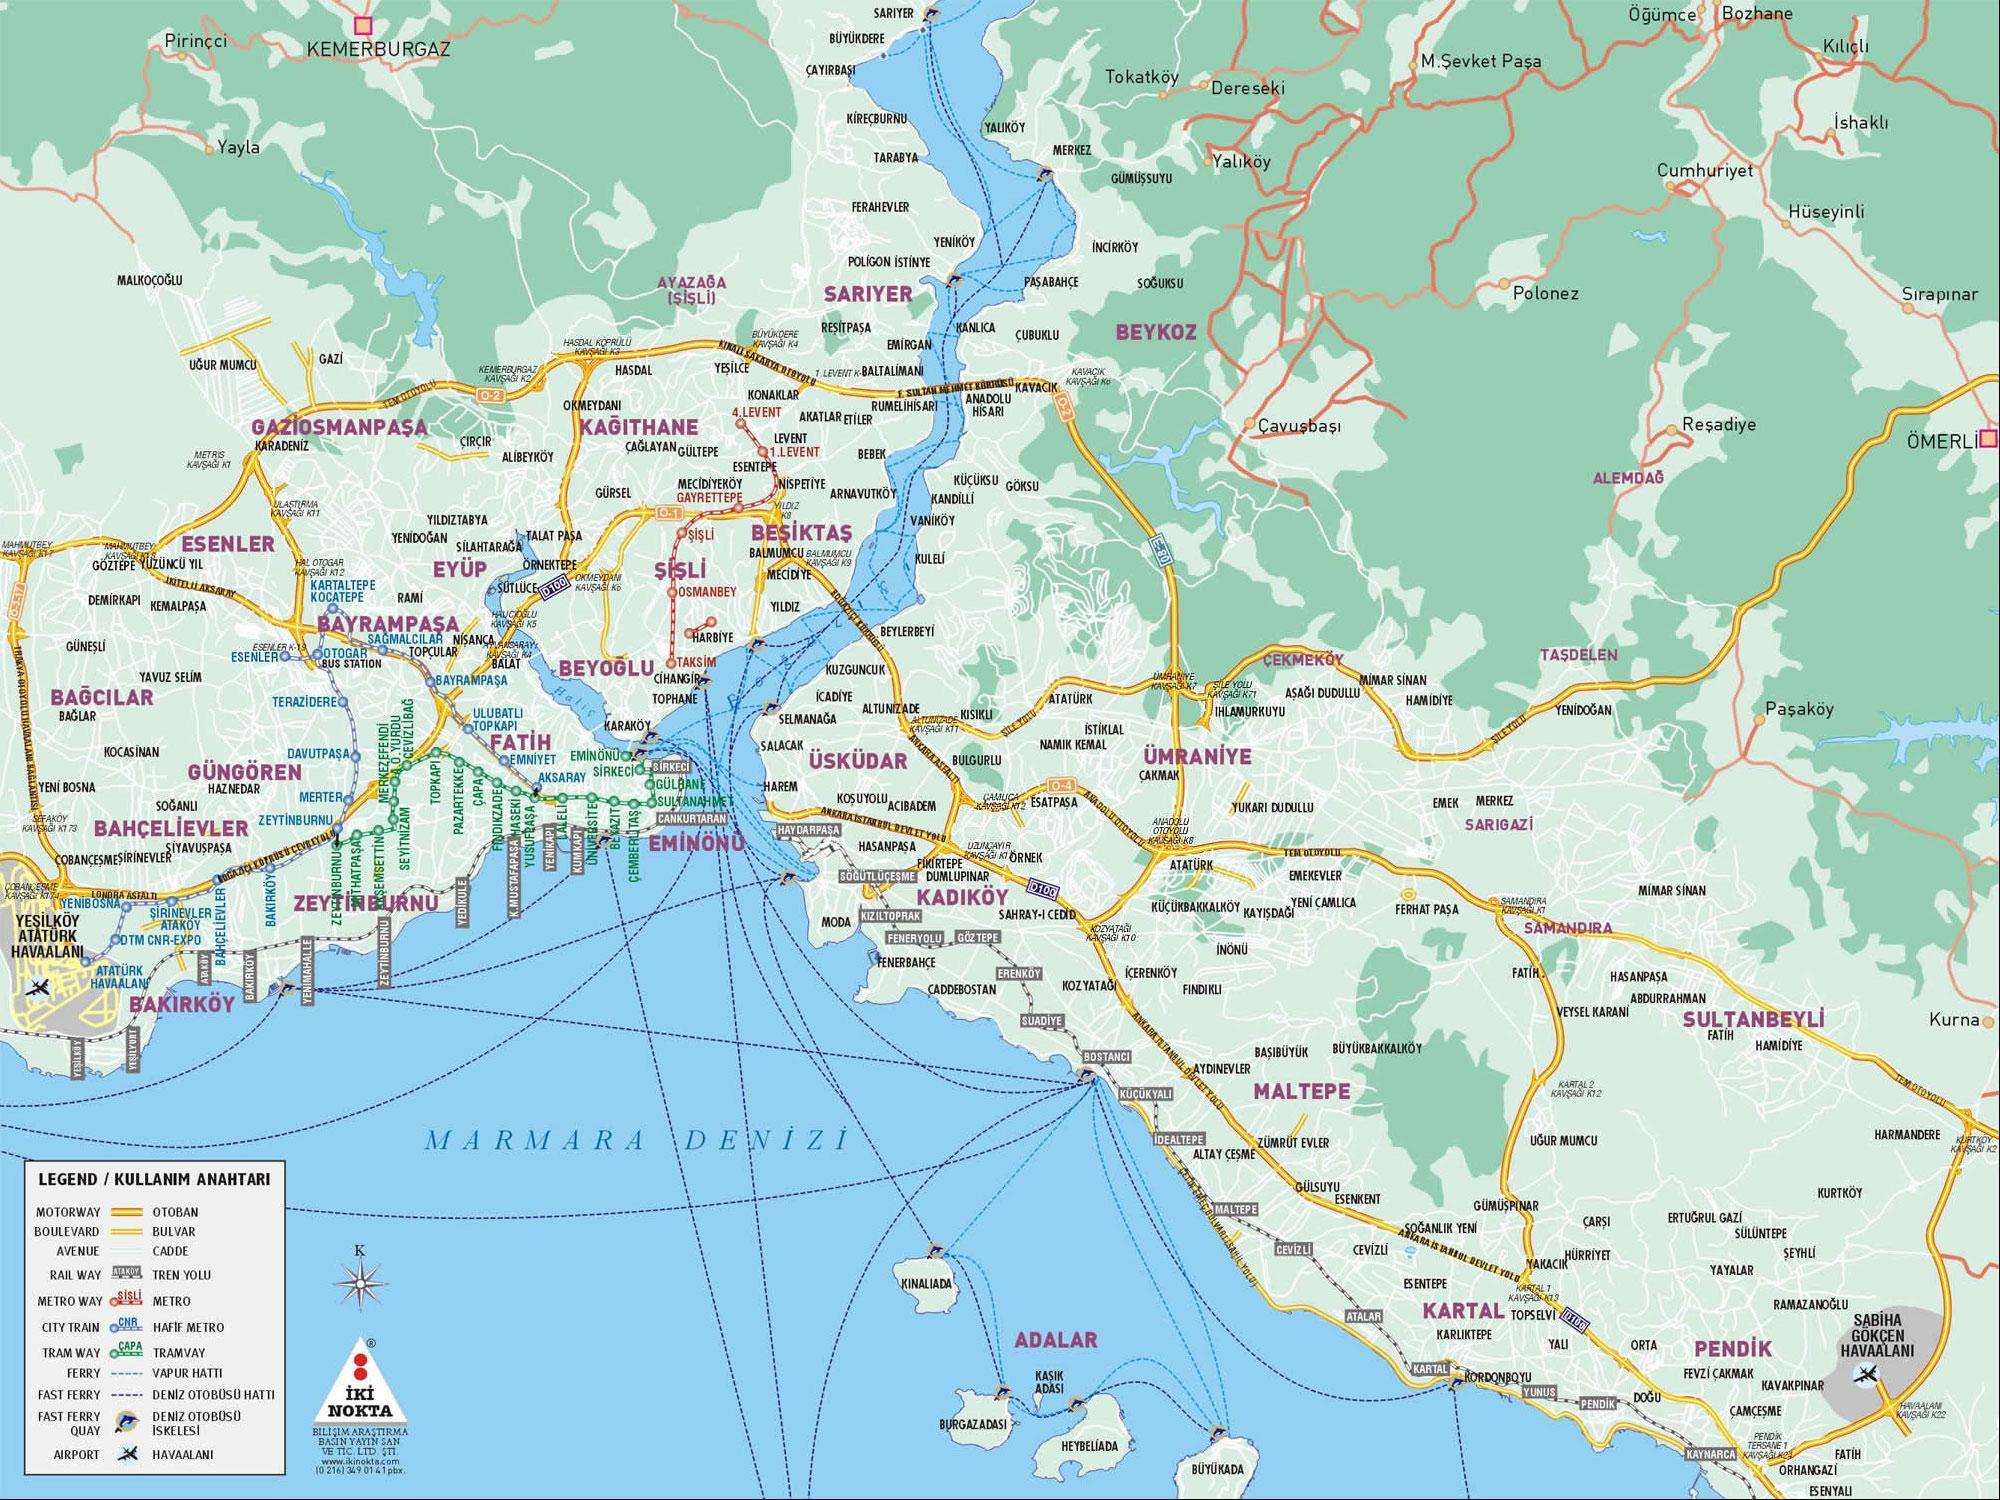 istanbul mapa Istanbul: mapa Istanbulu | CK Mundo istanbul mapa